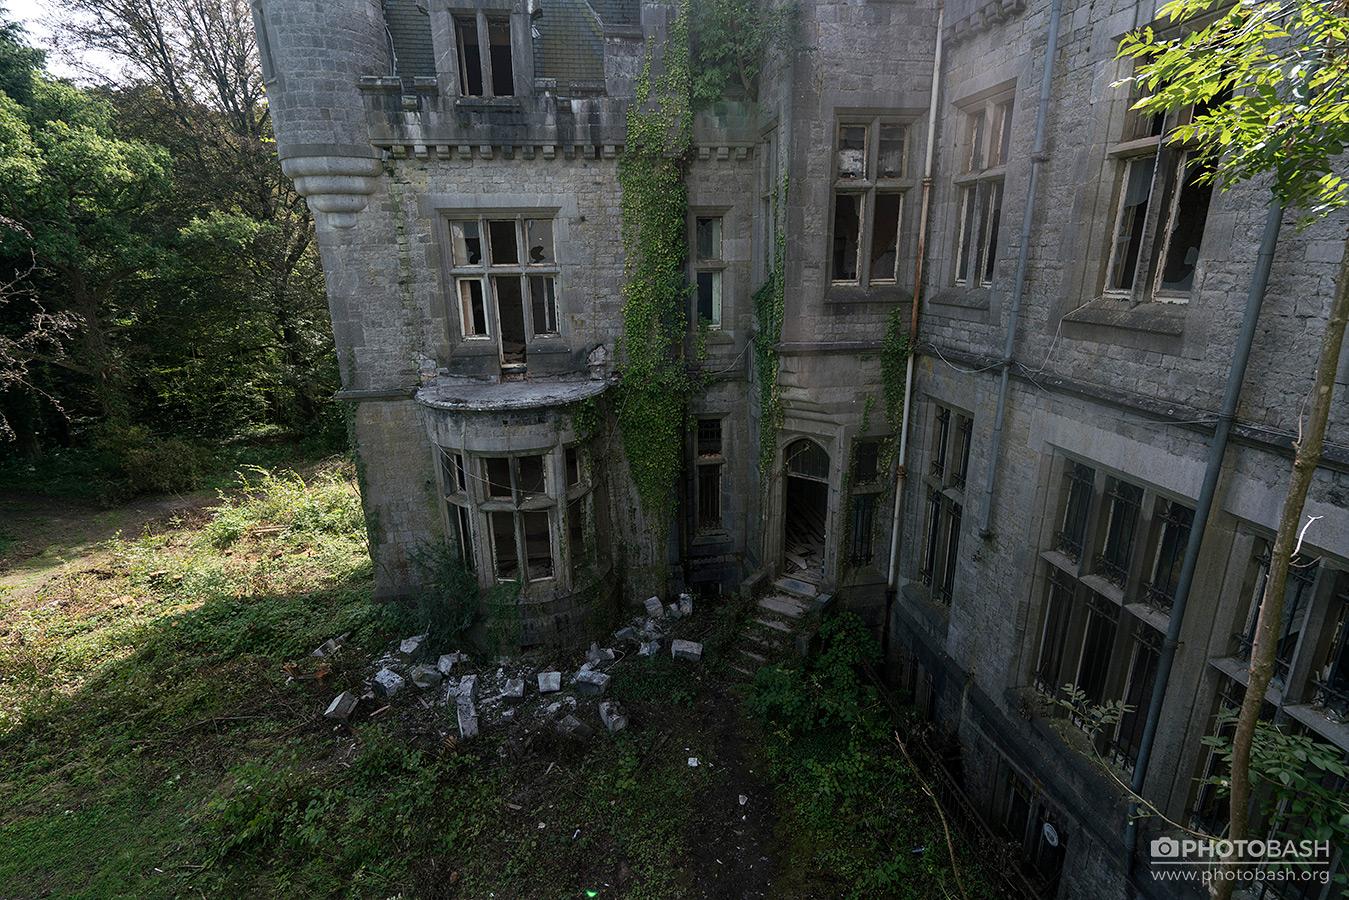 Overgrown-Castle-Fantasy-Facade.jpg